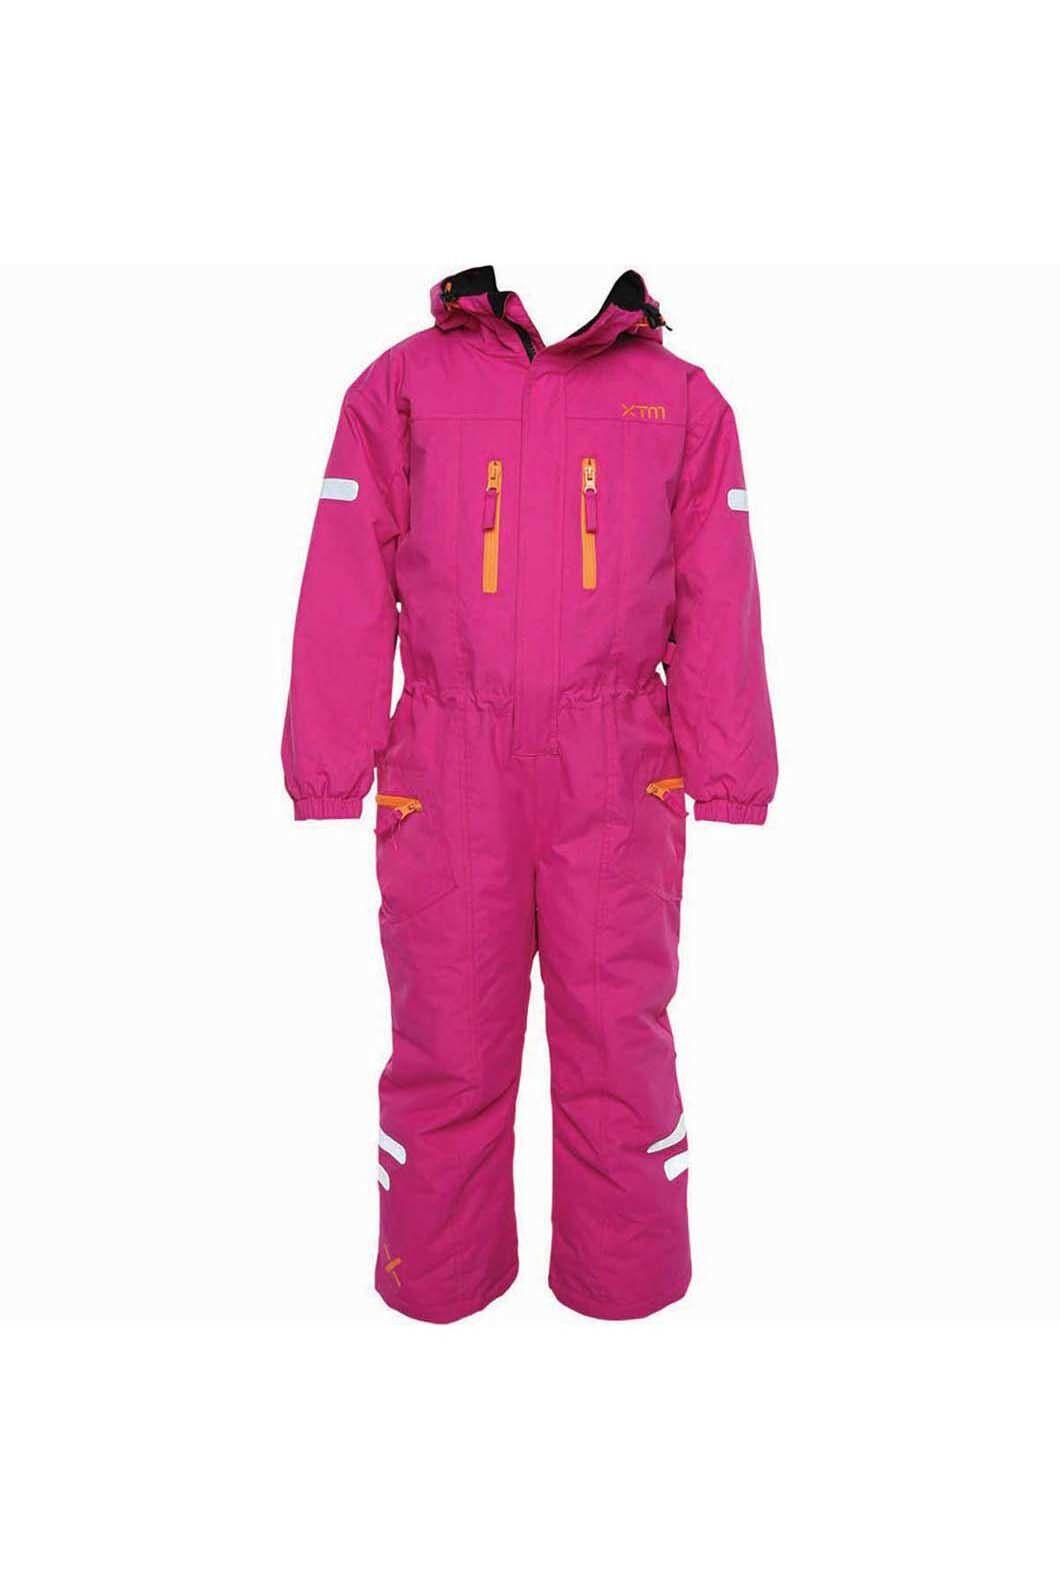 XTM Kori Suit - Kids', BERRY PINK, hi-res